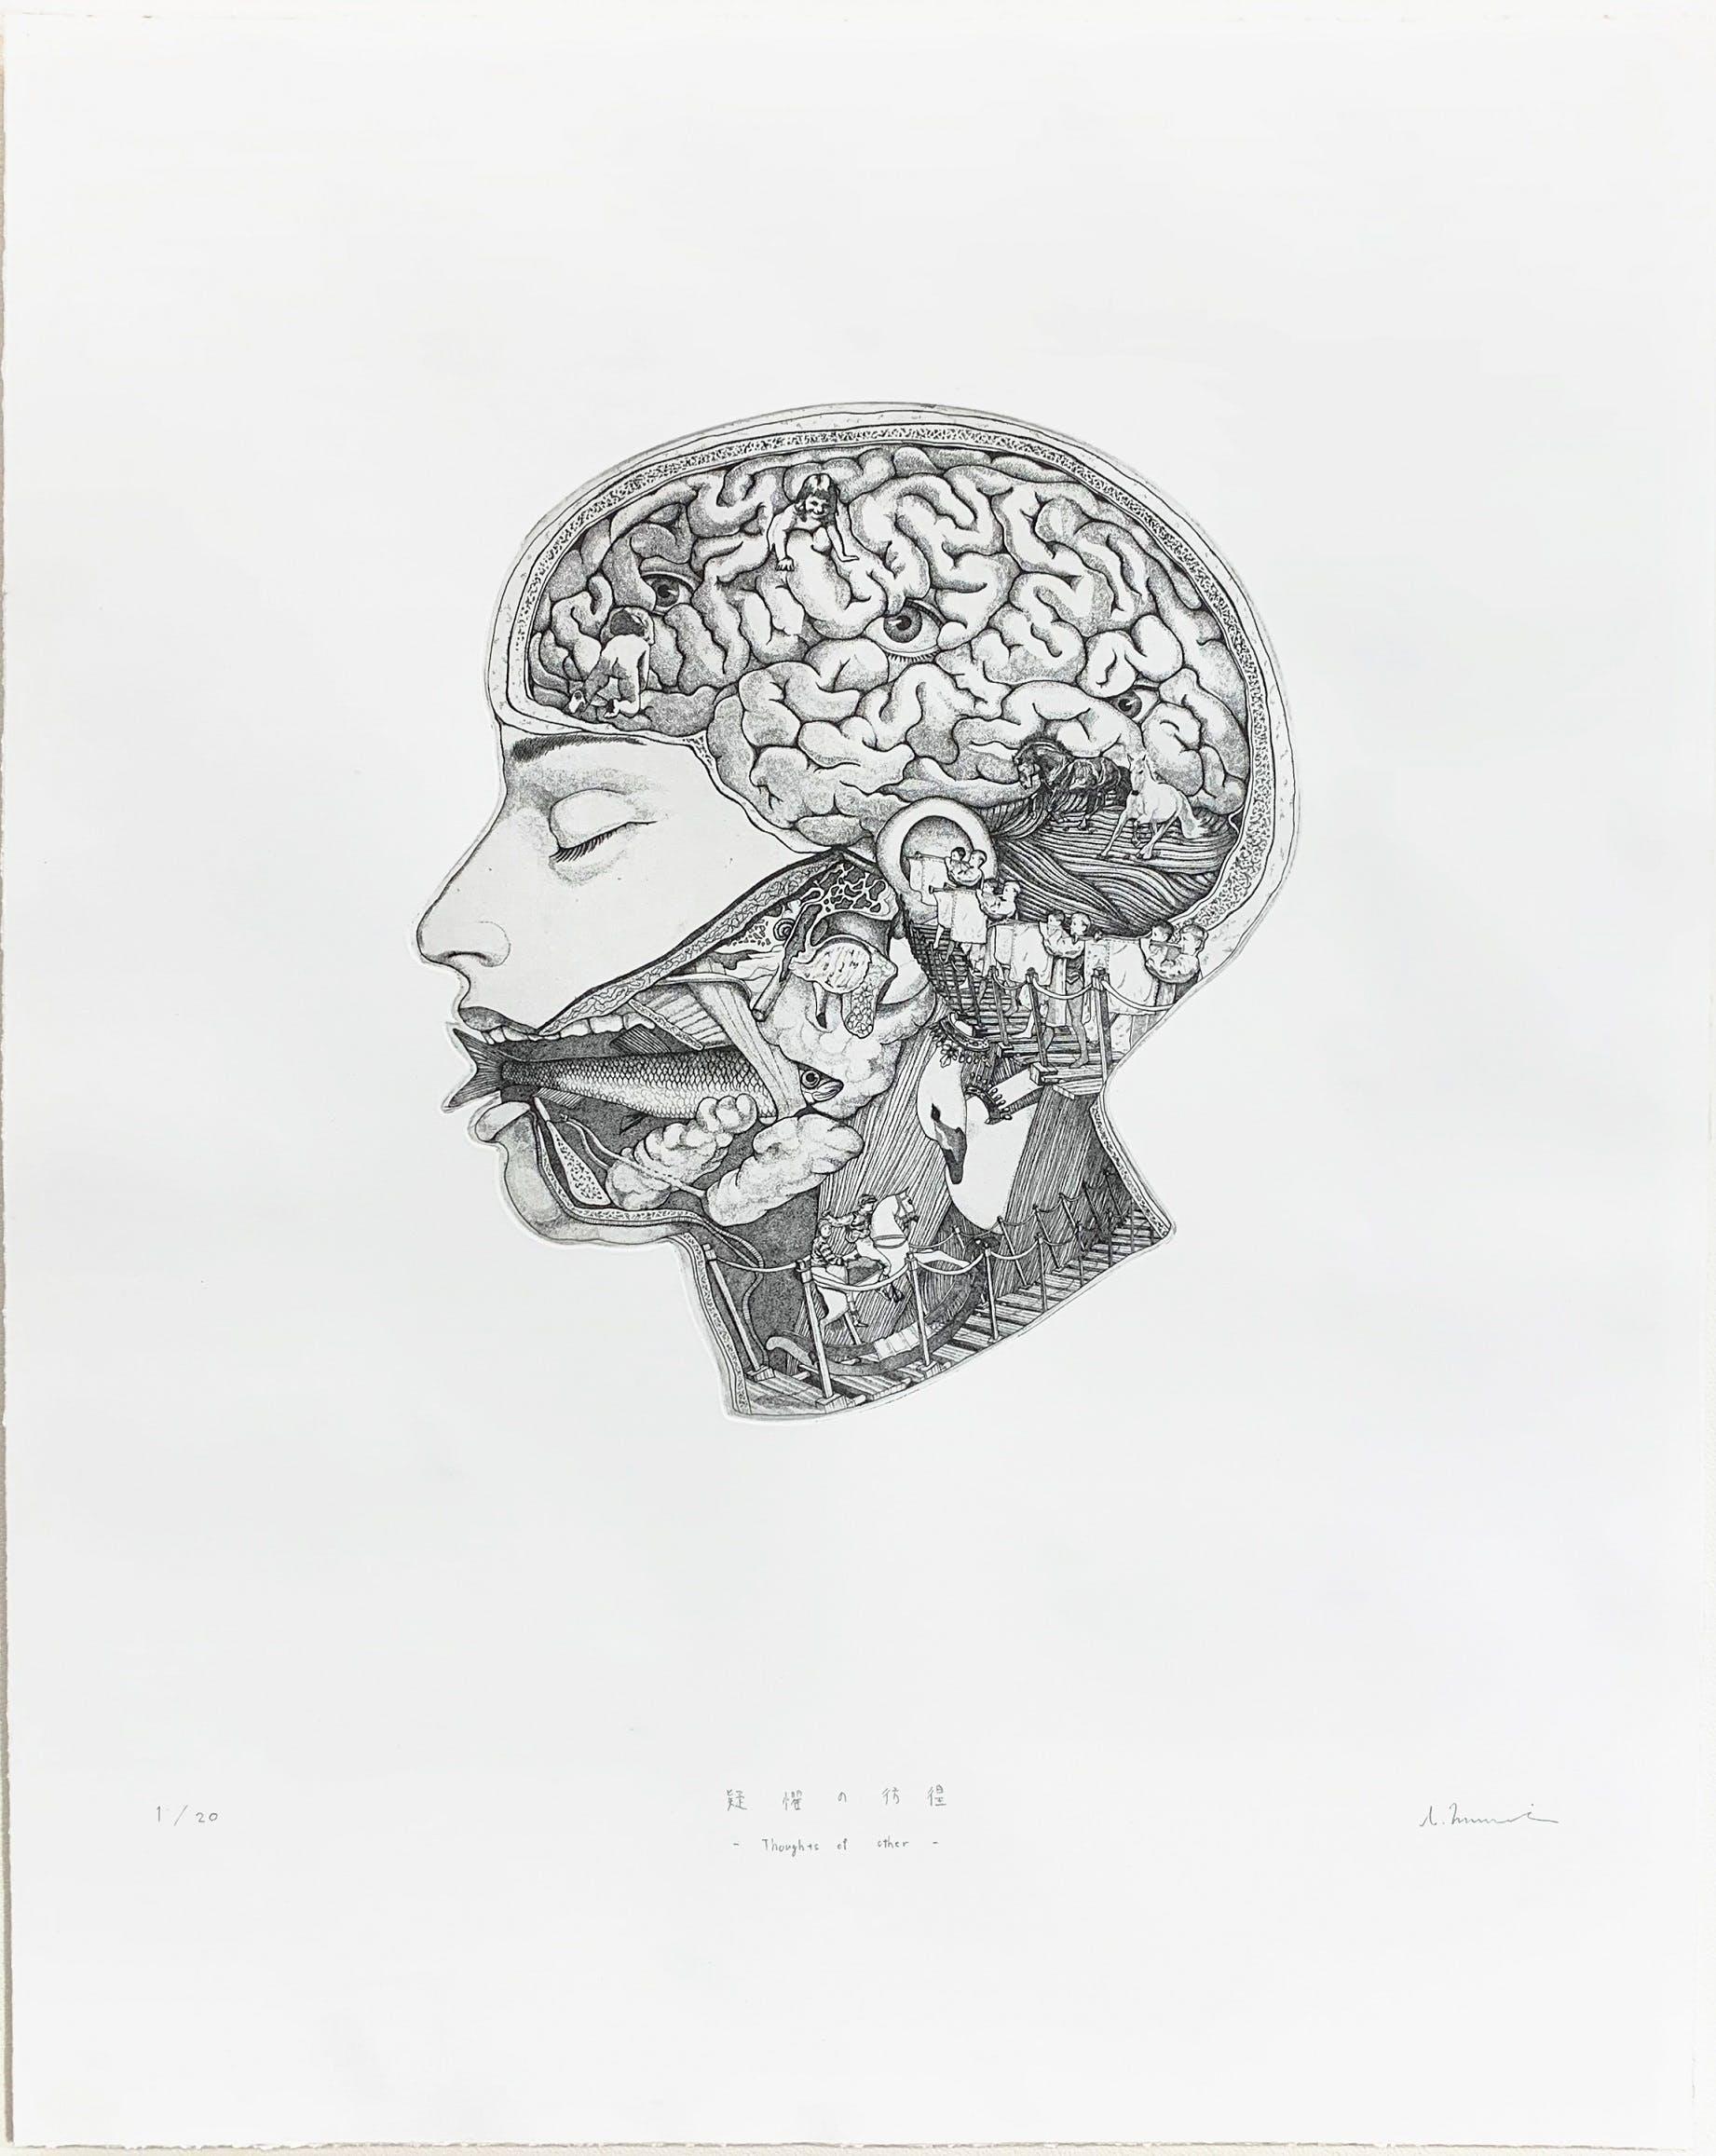 疑懼の彷徨 - Thoughts of others -/Wandering in uneasiness - Thoughts of others -